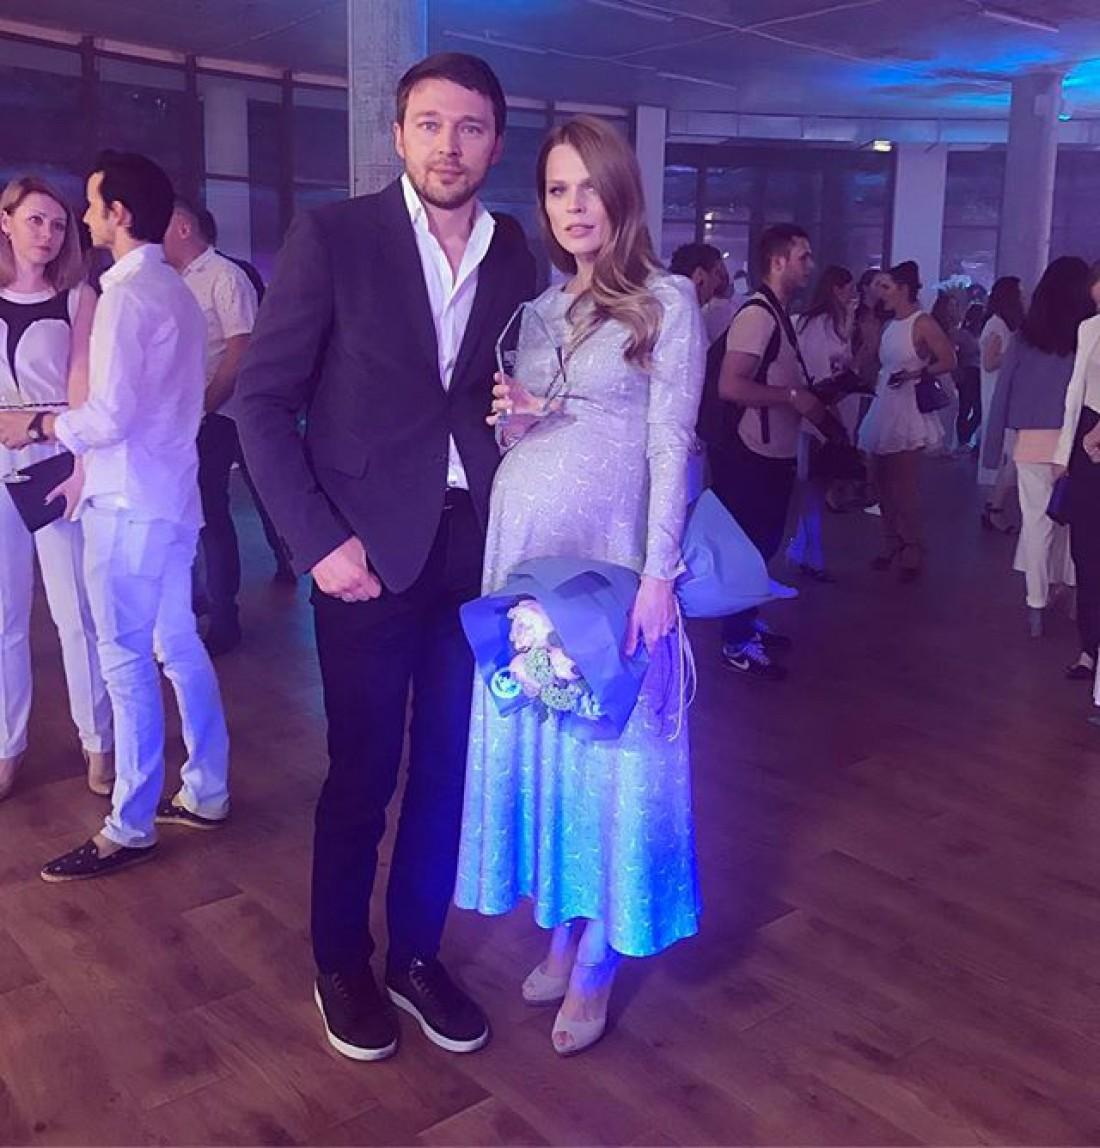 Ольга Фреймут с возлюбленным Владимиром Локотко